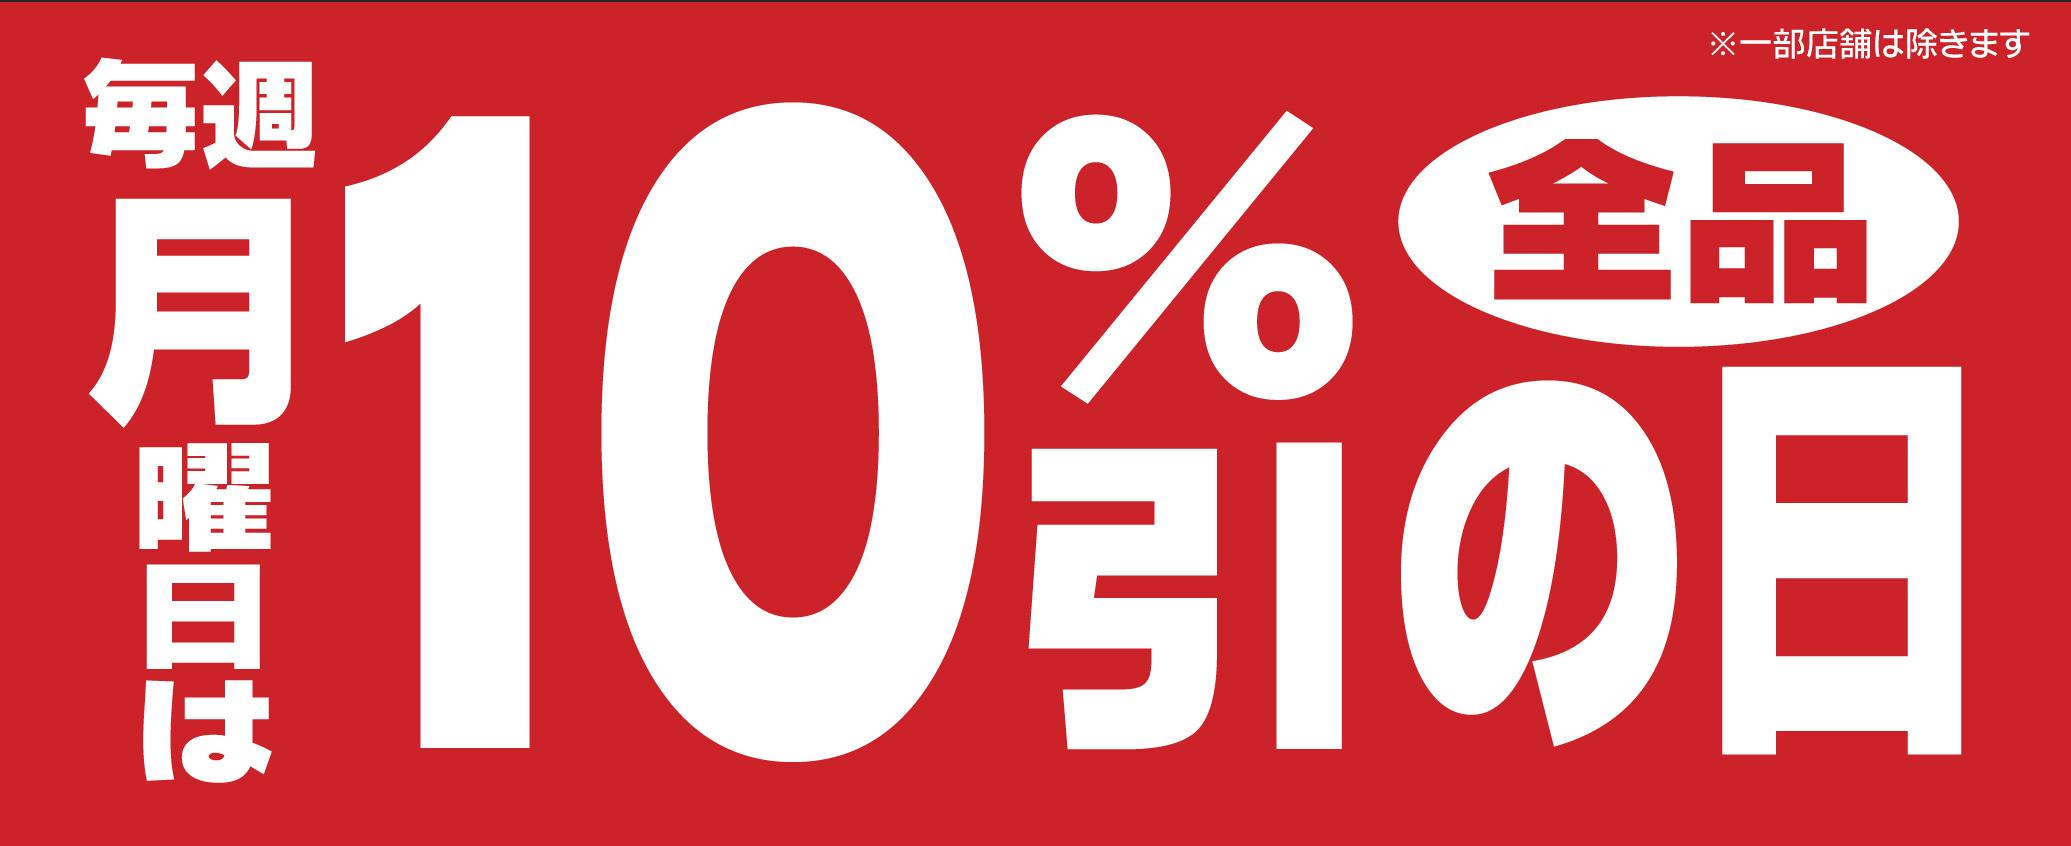 曜日別 月 10%